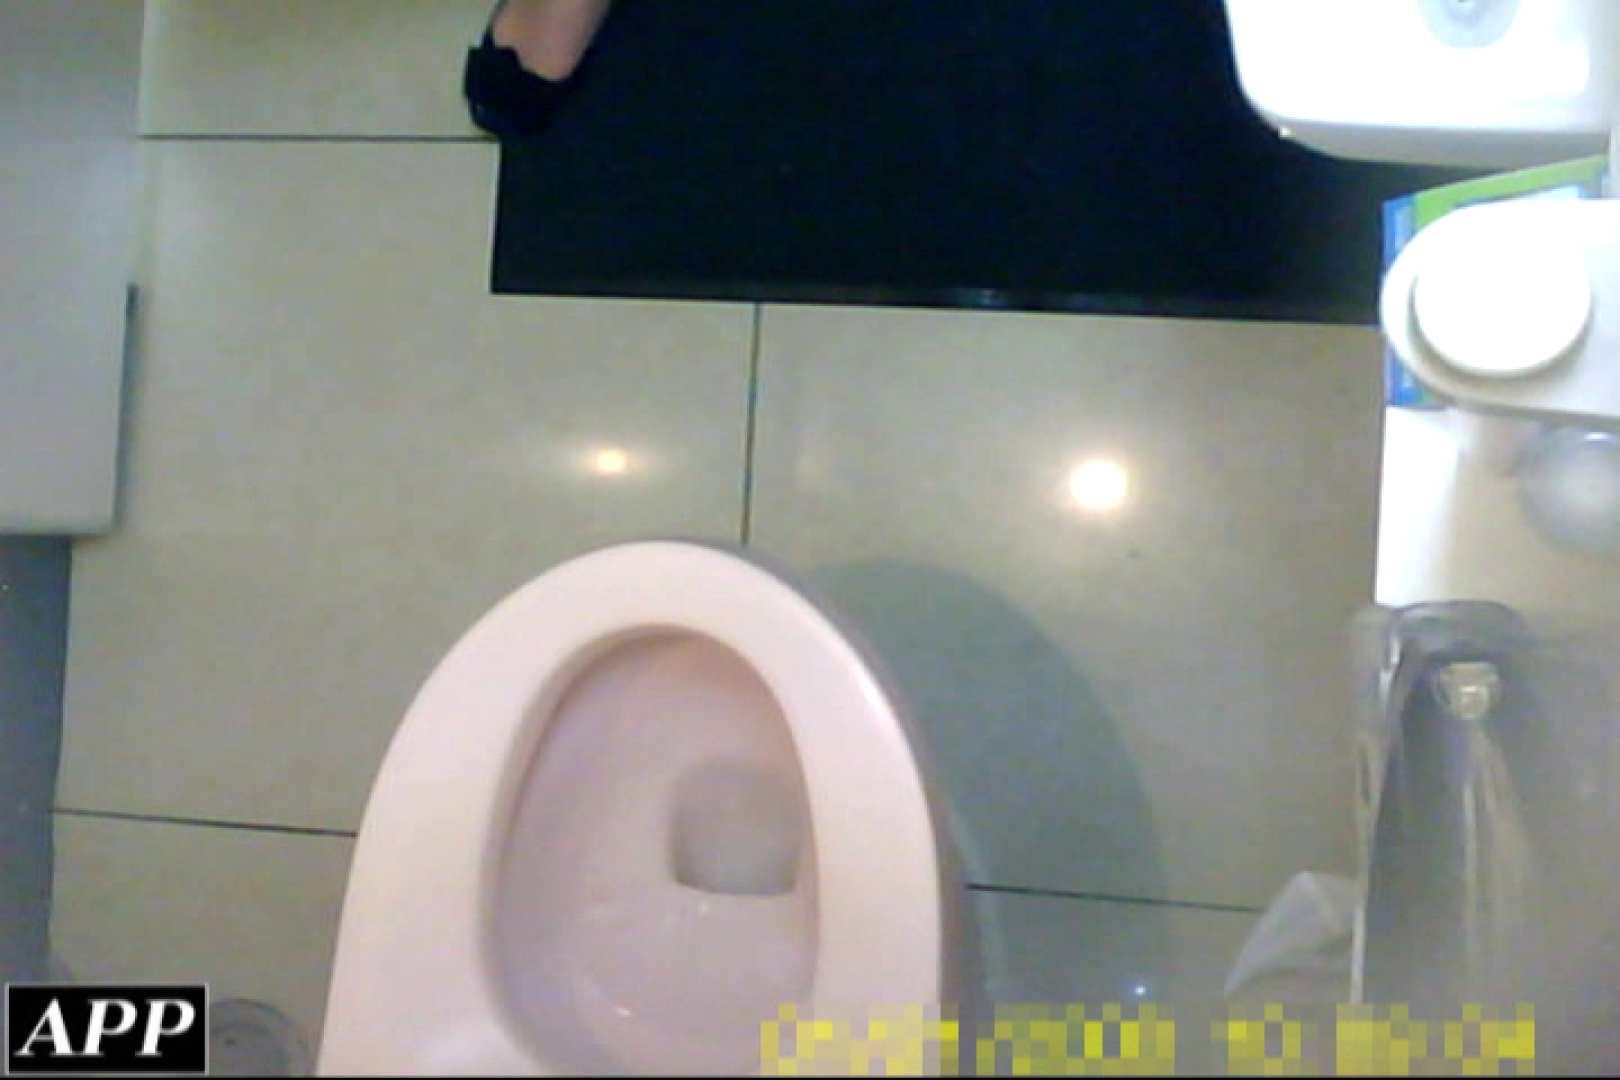 3視点洗面所 vol.95 オマンコもろ | マンコエロすぎ  99PIX 11